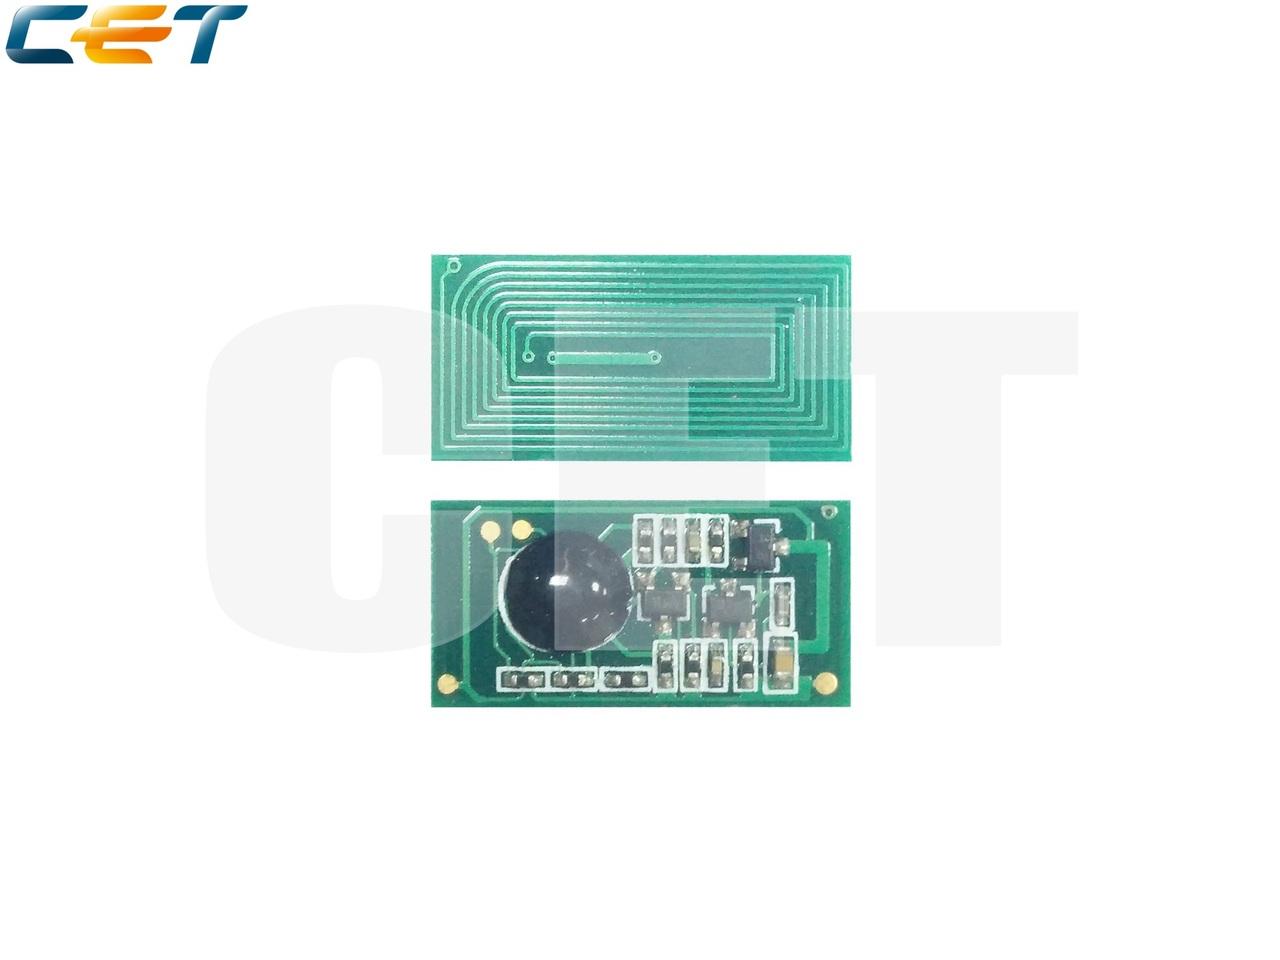 Чип картриджа для RICOH Aficio MPC2000/MPC2500/MPC3000(CET) Magenta, (WW), 15000 стр., CET9440M